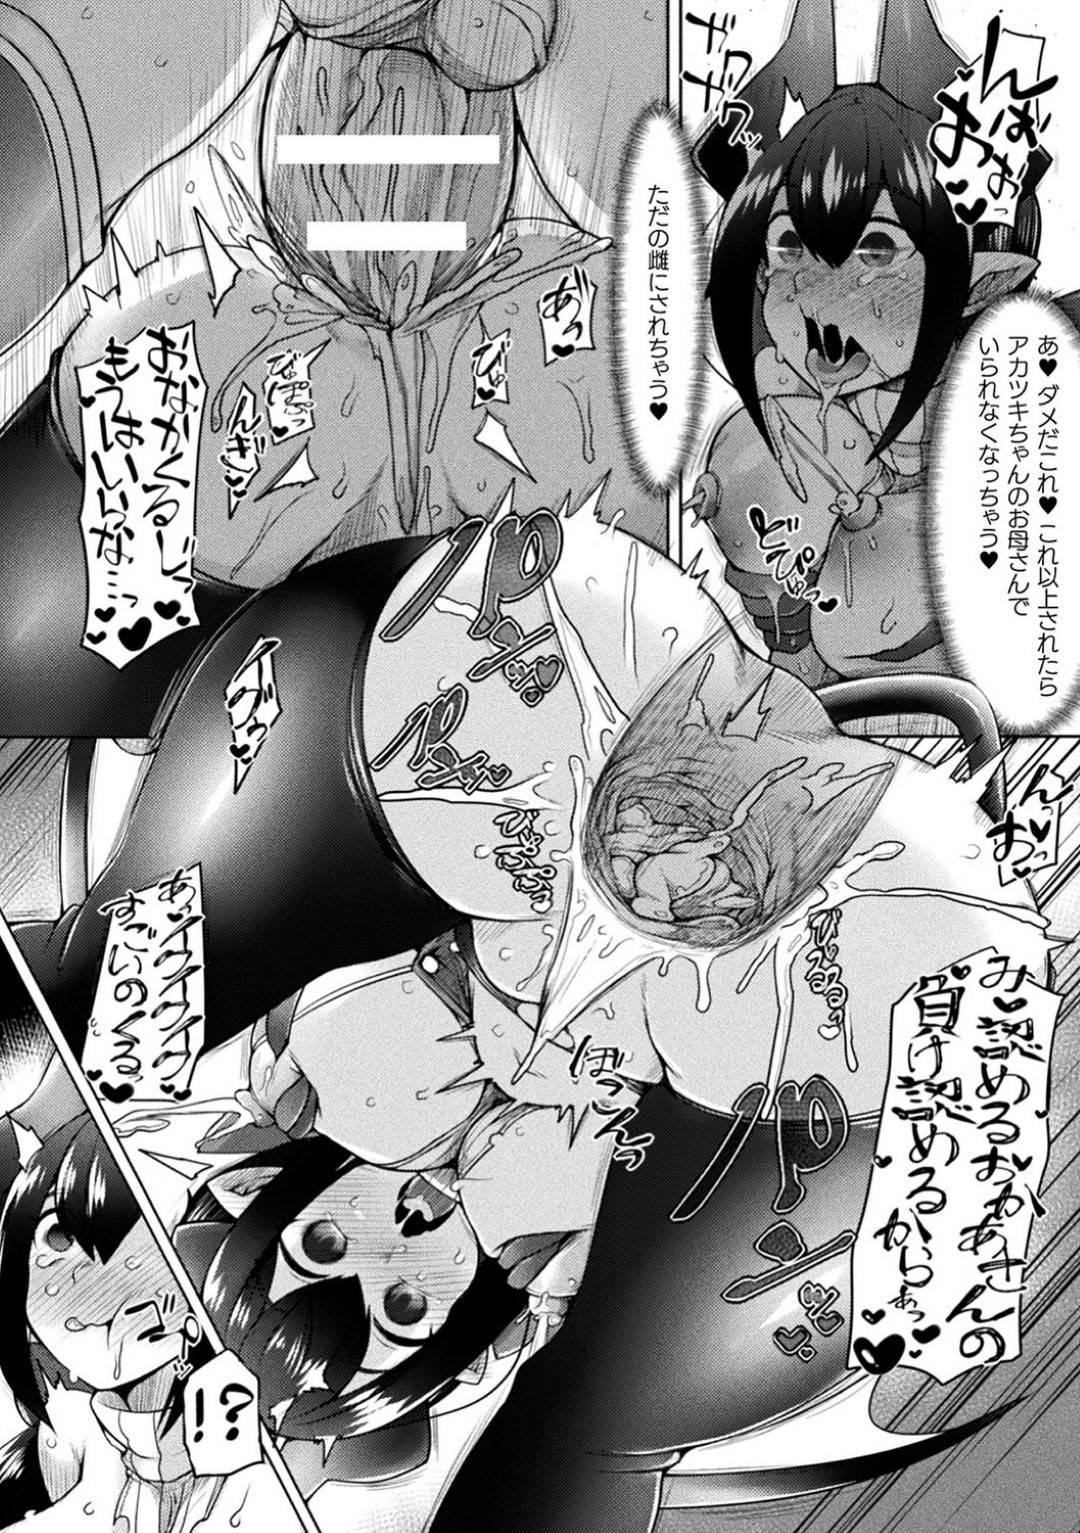 【エロ同人誌】現役魔王の娘が心配で面倒を見に来た前魔王の爆乳母親。反抗した娘にふたなりちんぽを生やして強制セックス勝負を始めるも、娘に激しく犯されてしまい両穴激しい生ハメ中出しレイプされて娘ちんぽにアヘ絶頂堕ち【オリジナル】